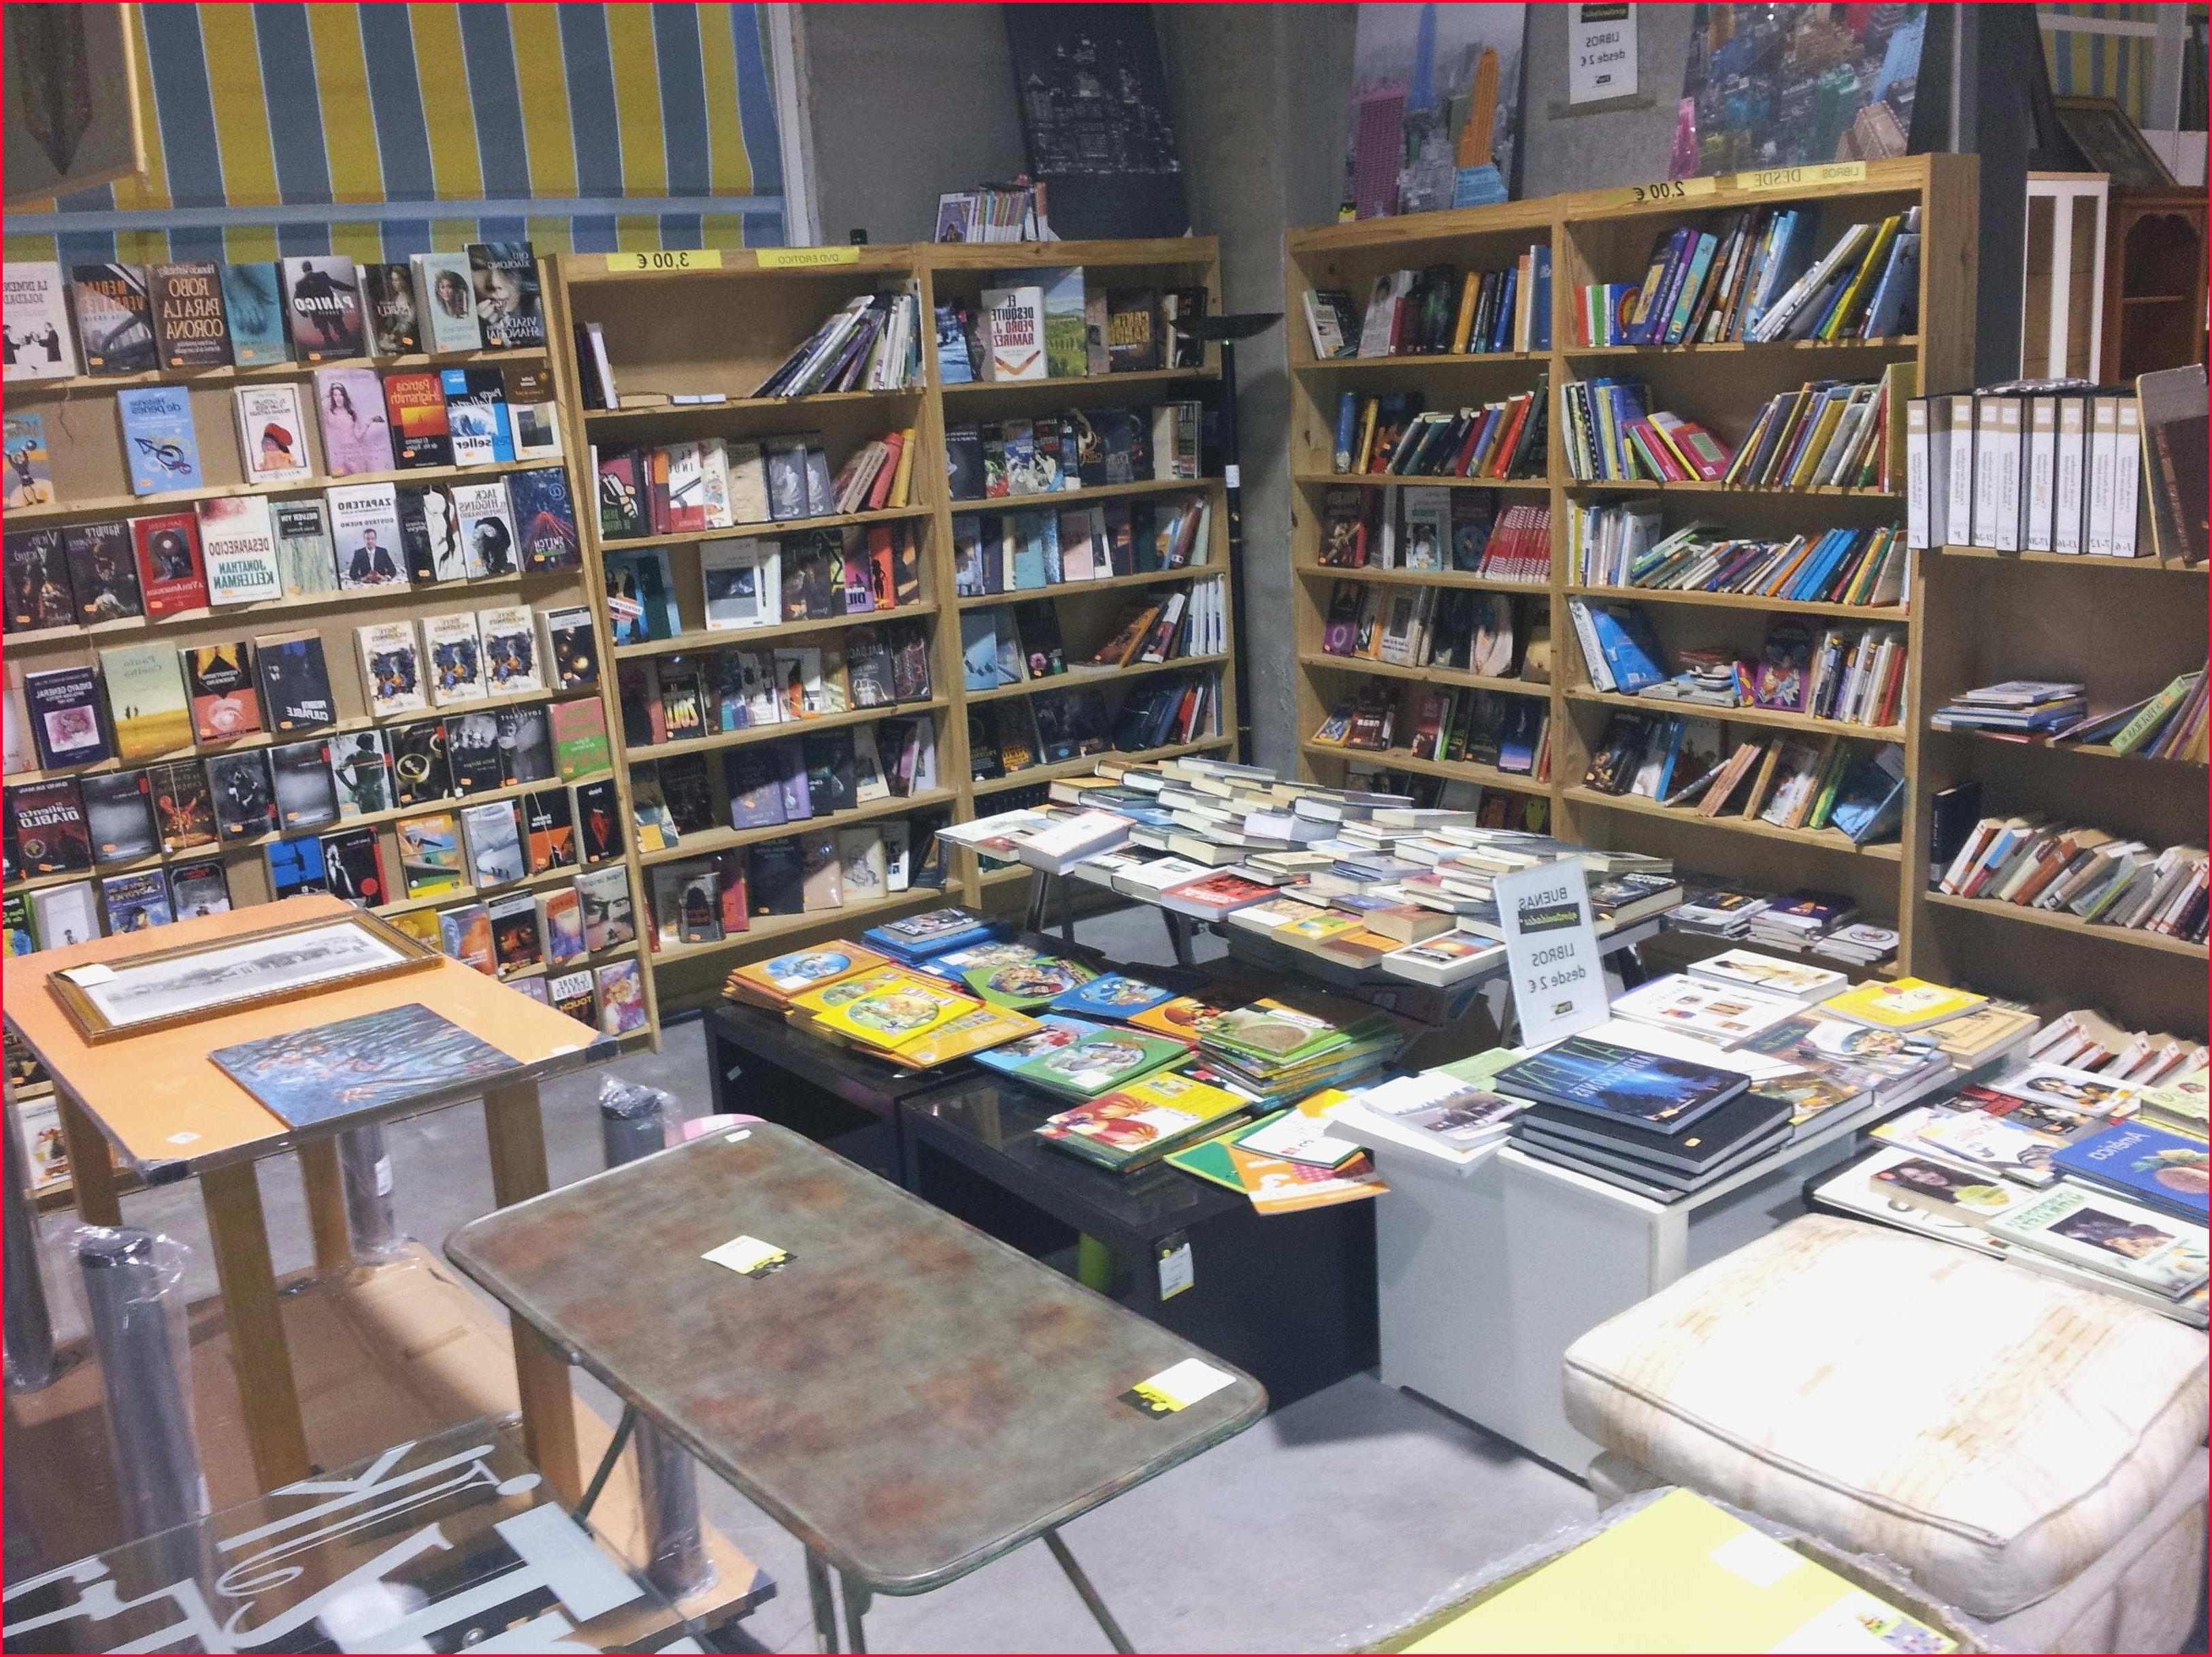 Donde Vender Muebles Usados En Madrid Zwd9 Donde Vender Muebles Usados Elegante Vender Muebles Usados